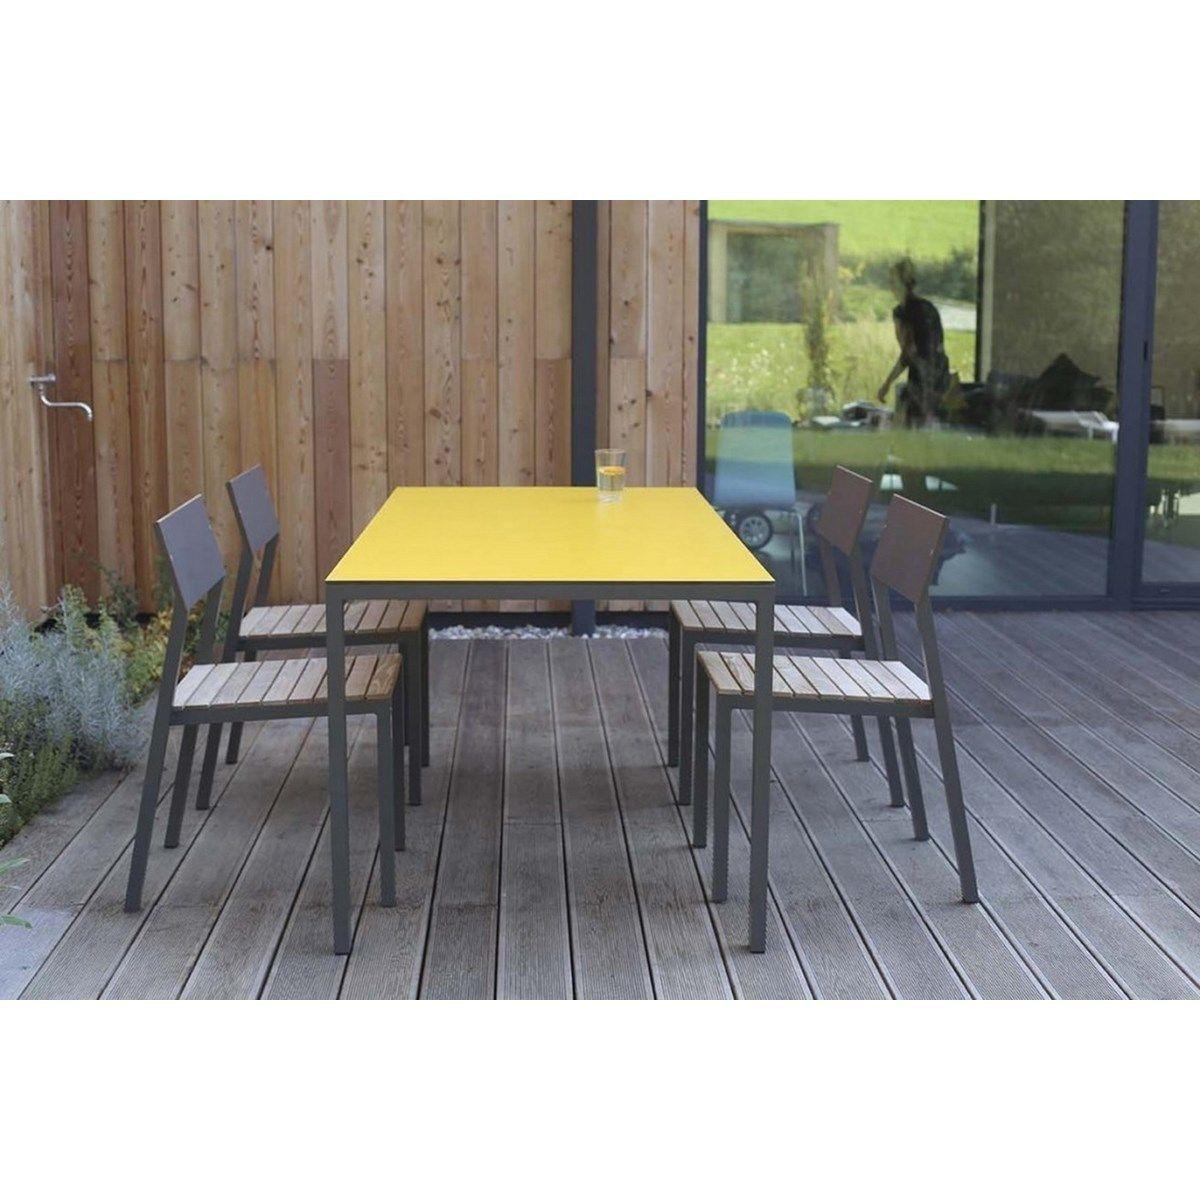 Salon De Jardin Cora Table Rectangle Plateau Hpl Jaune Et 4 ... avec Table De Jardin Cora